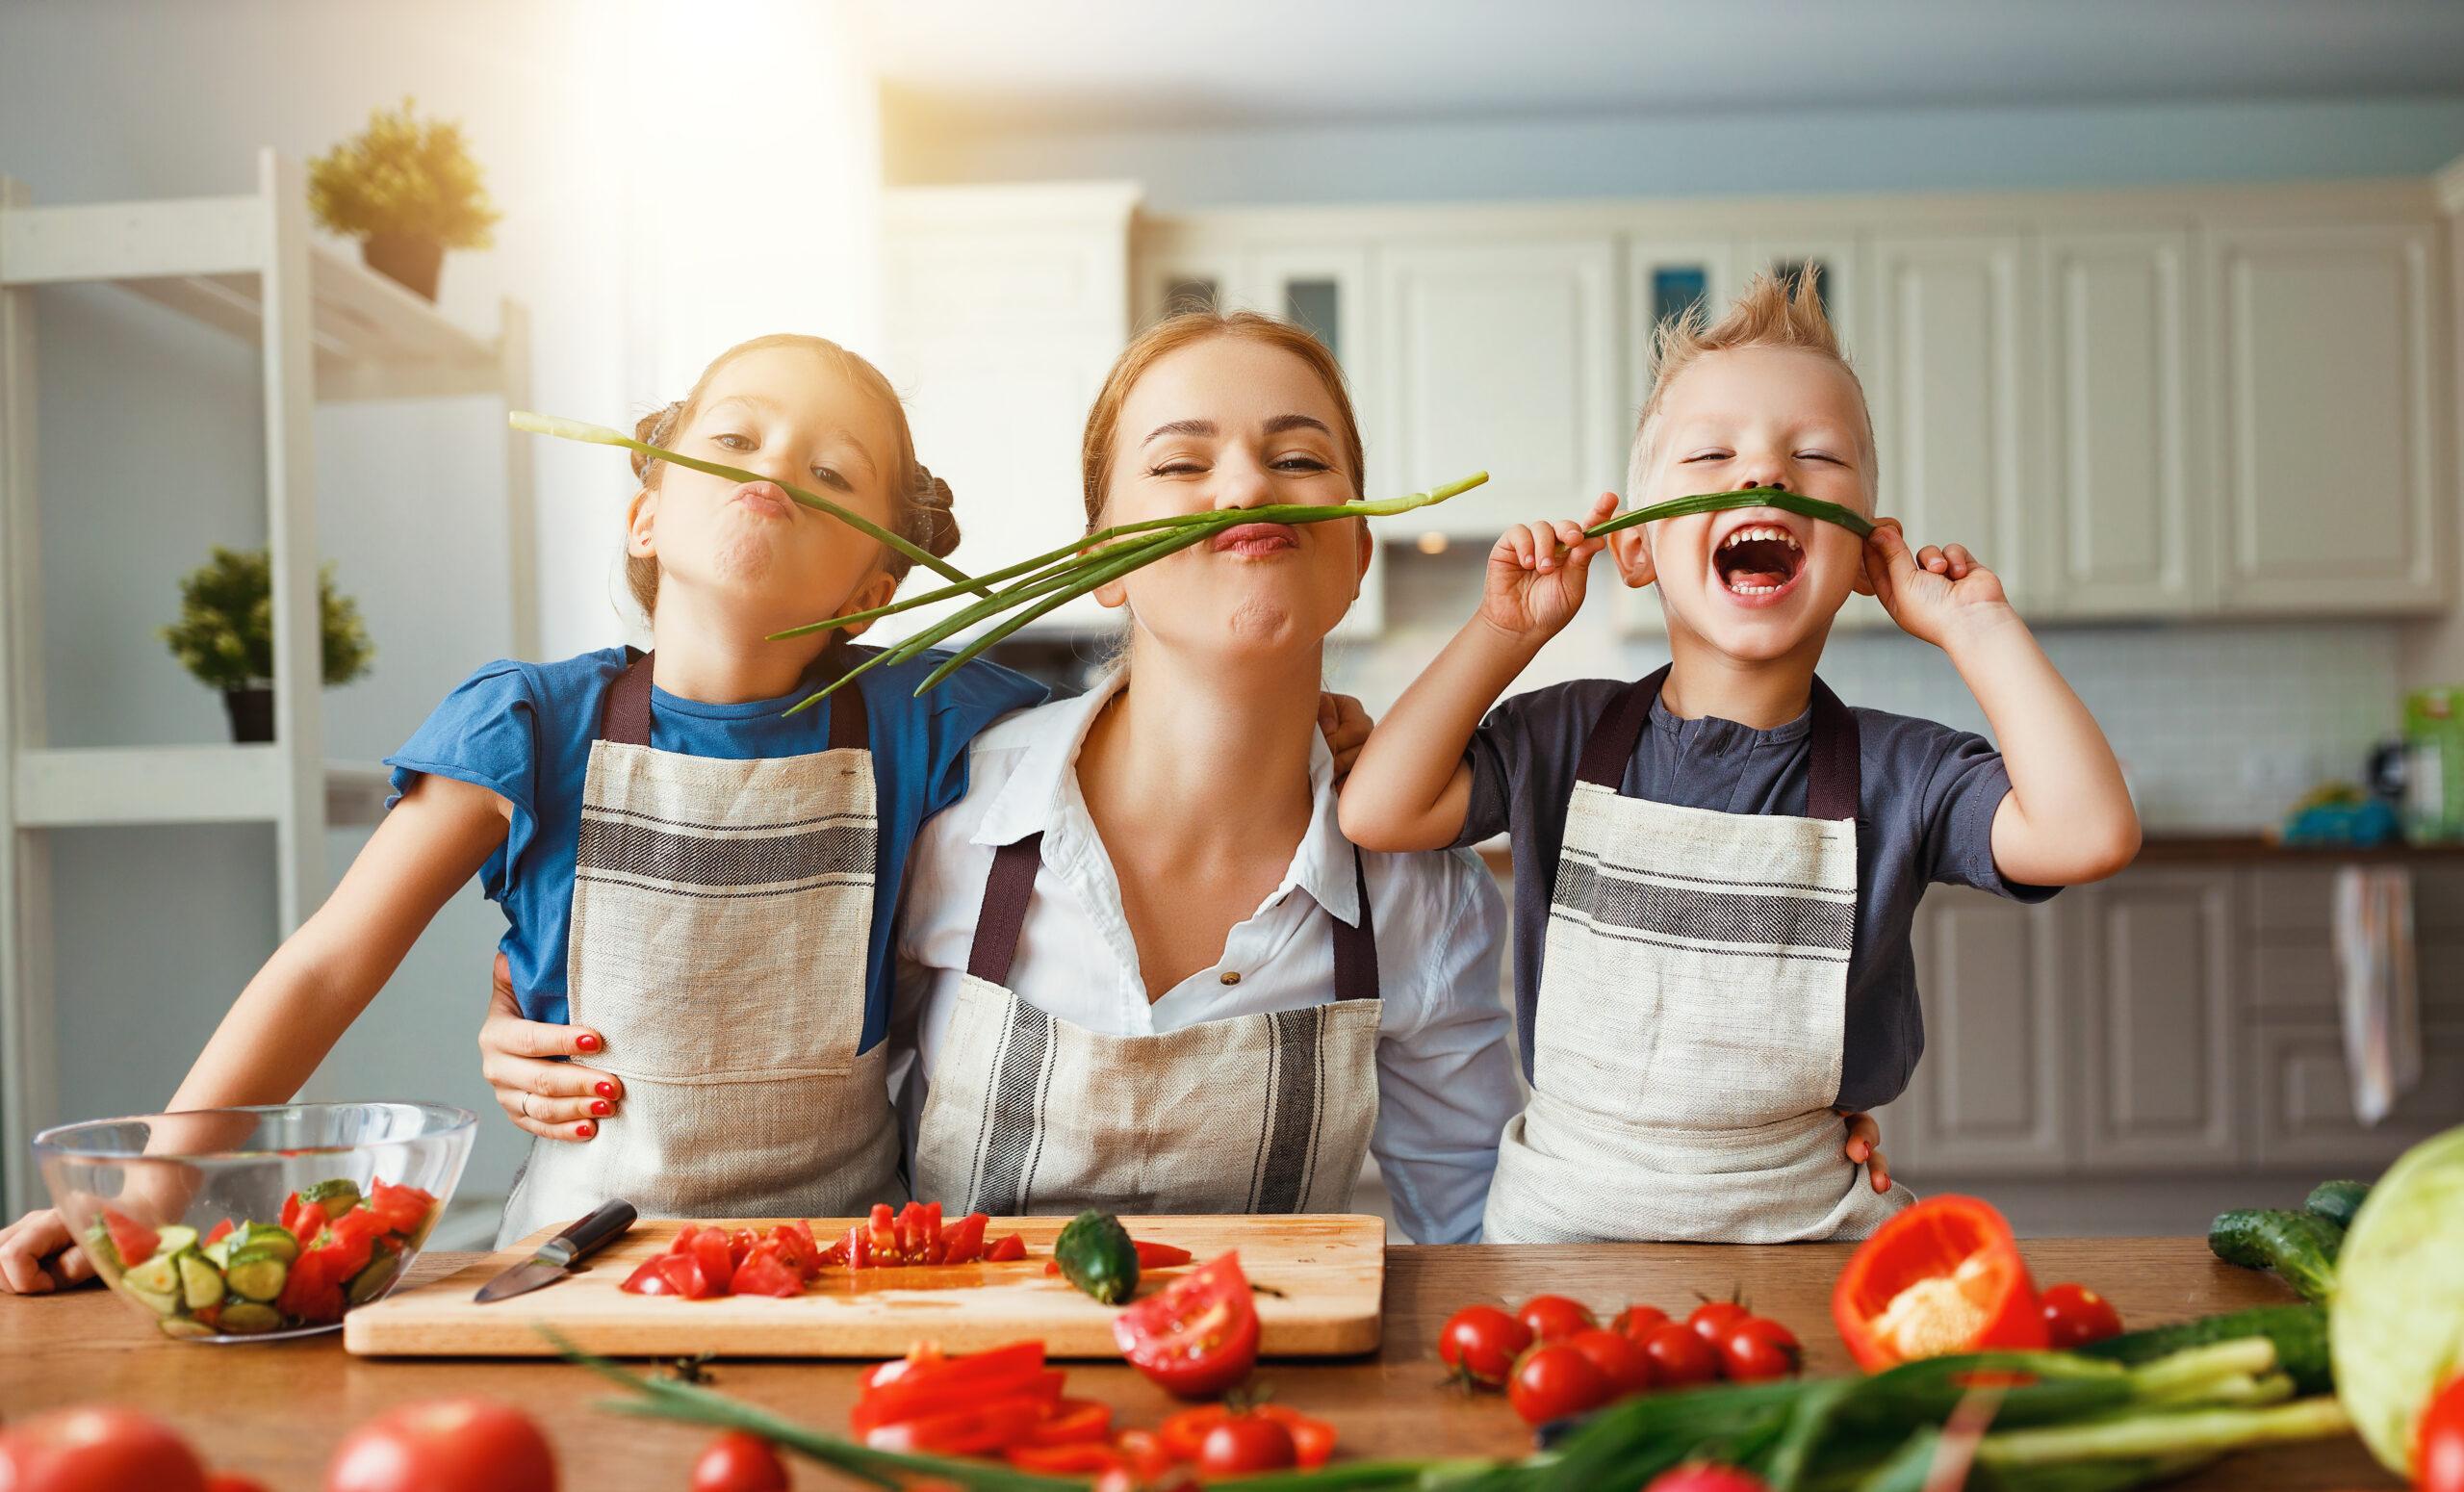 Υγιεινή διατροφή για παιδιά – 10 τρόποι για να την αγαπήσει